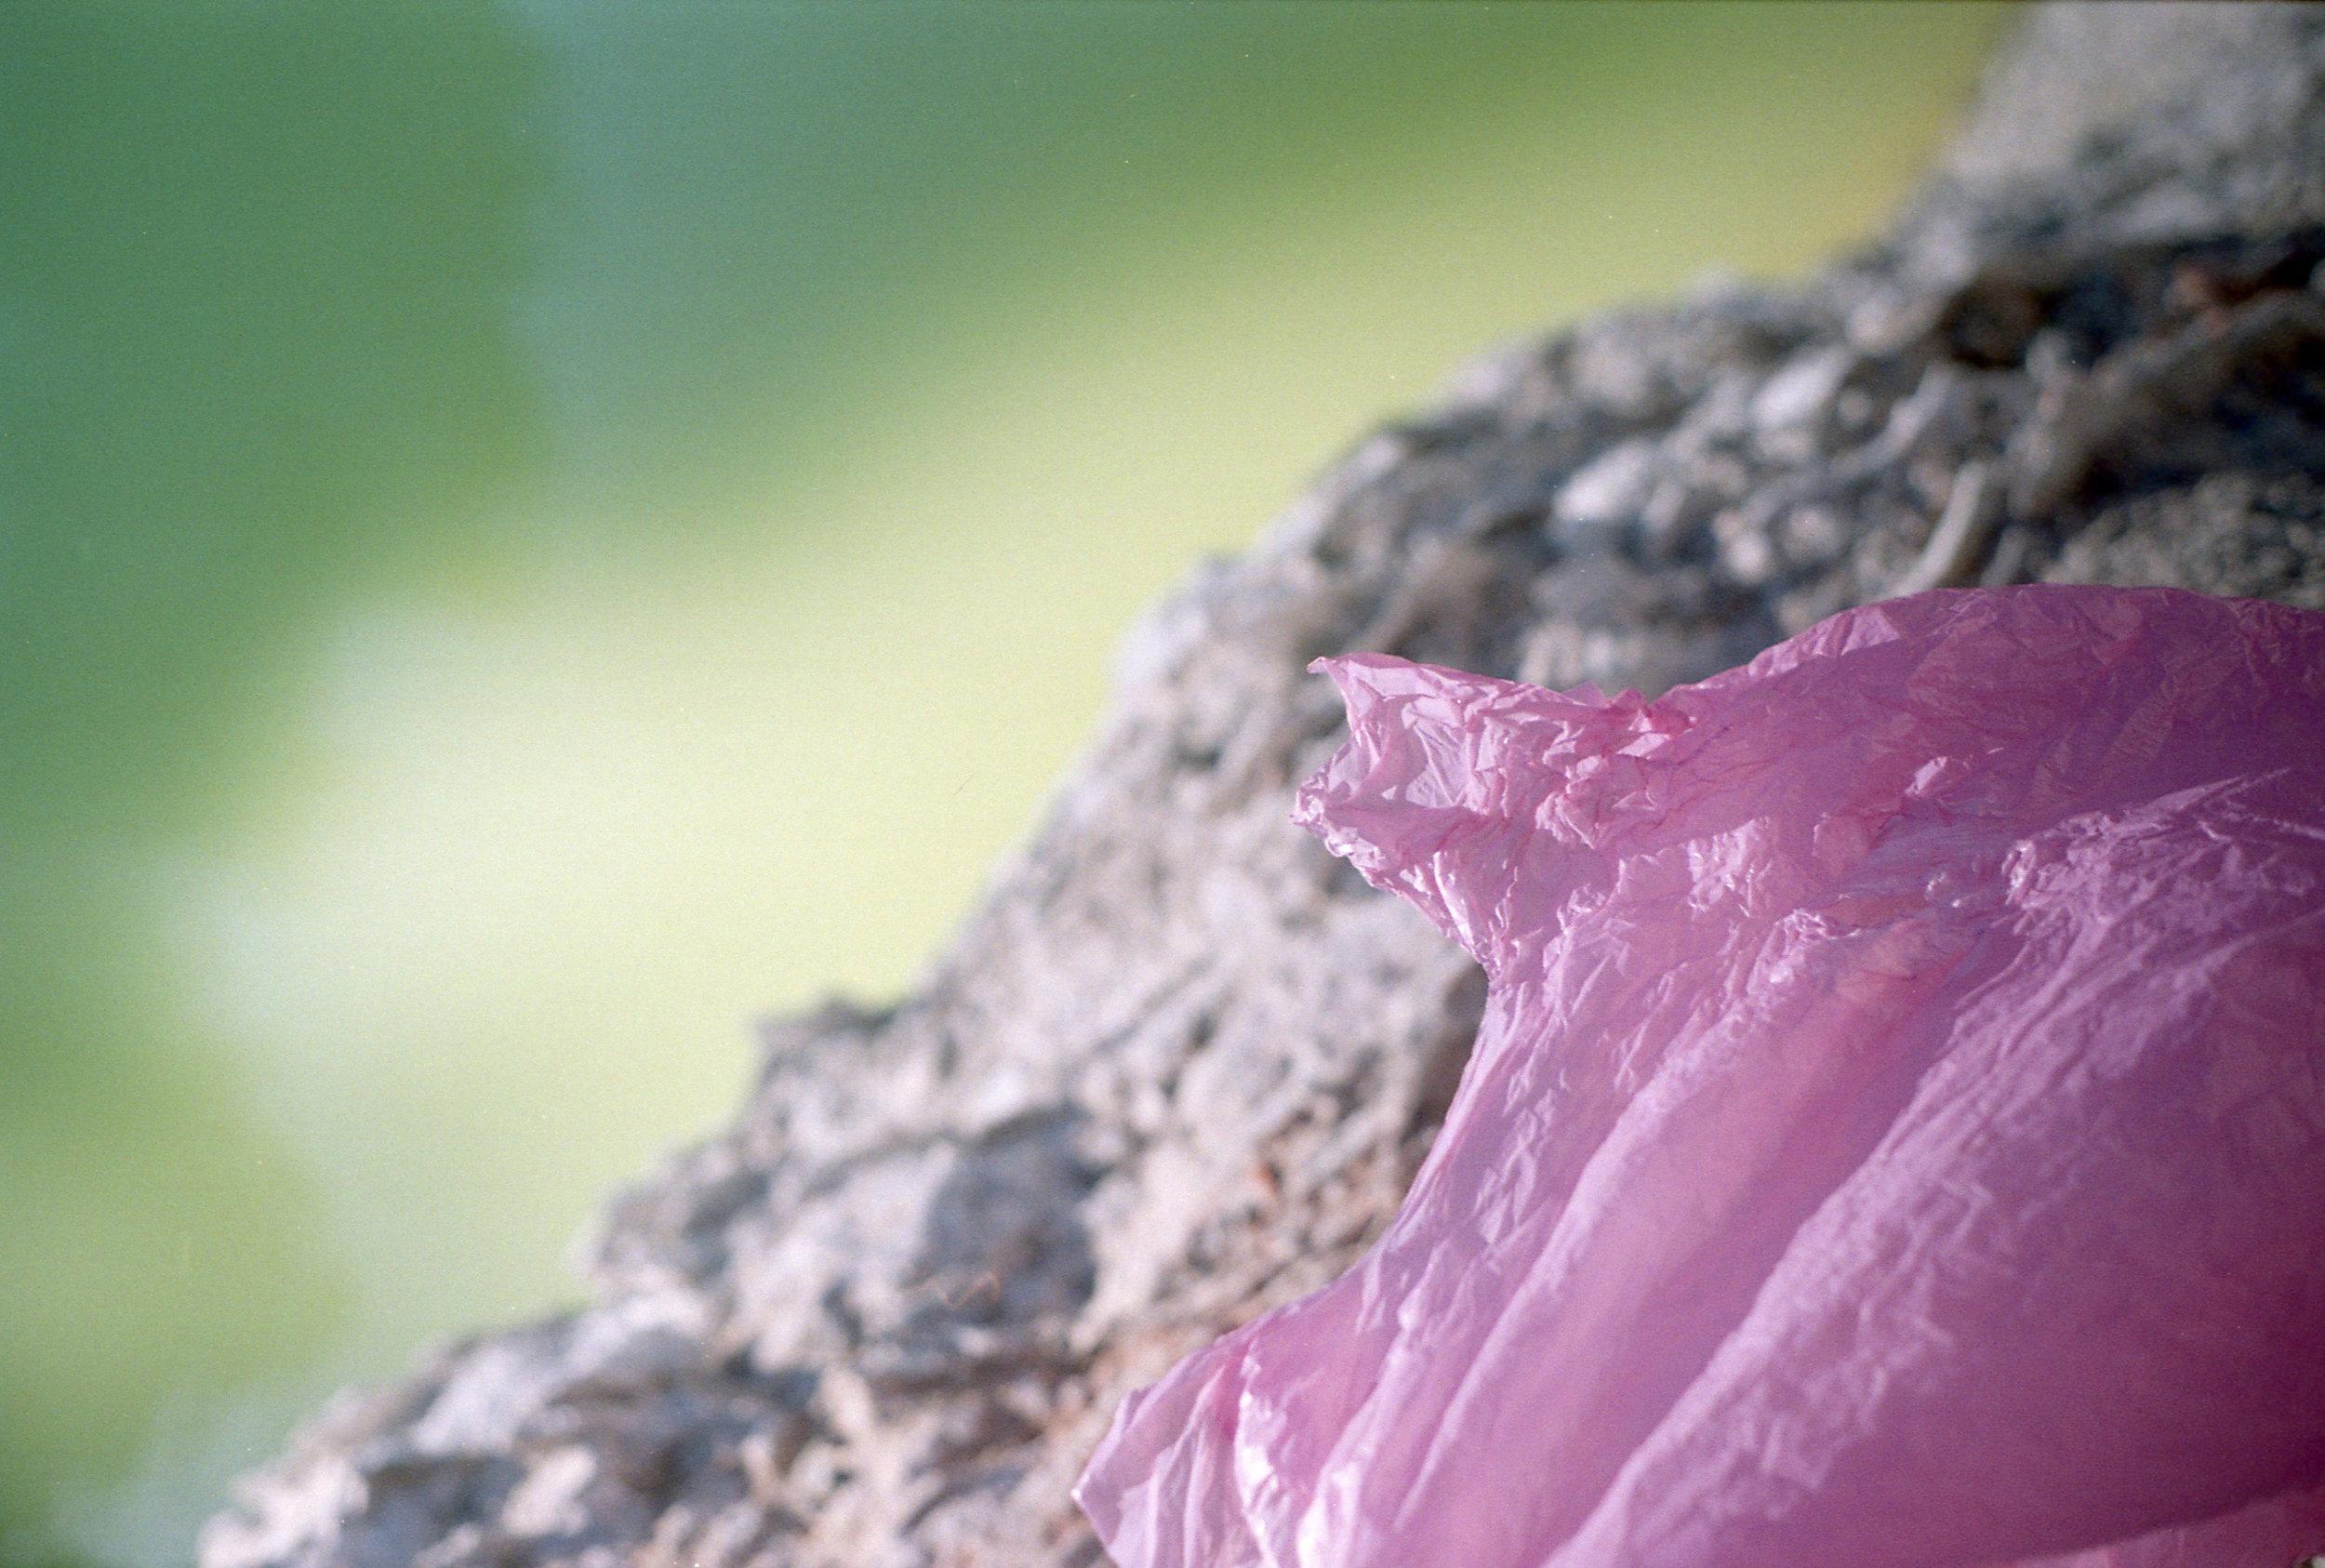 rosa plastik vor schwefelsee.jpg